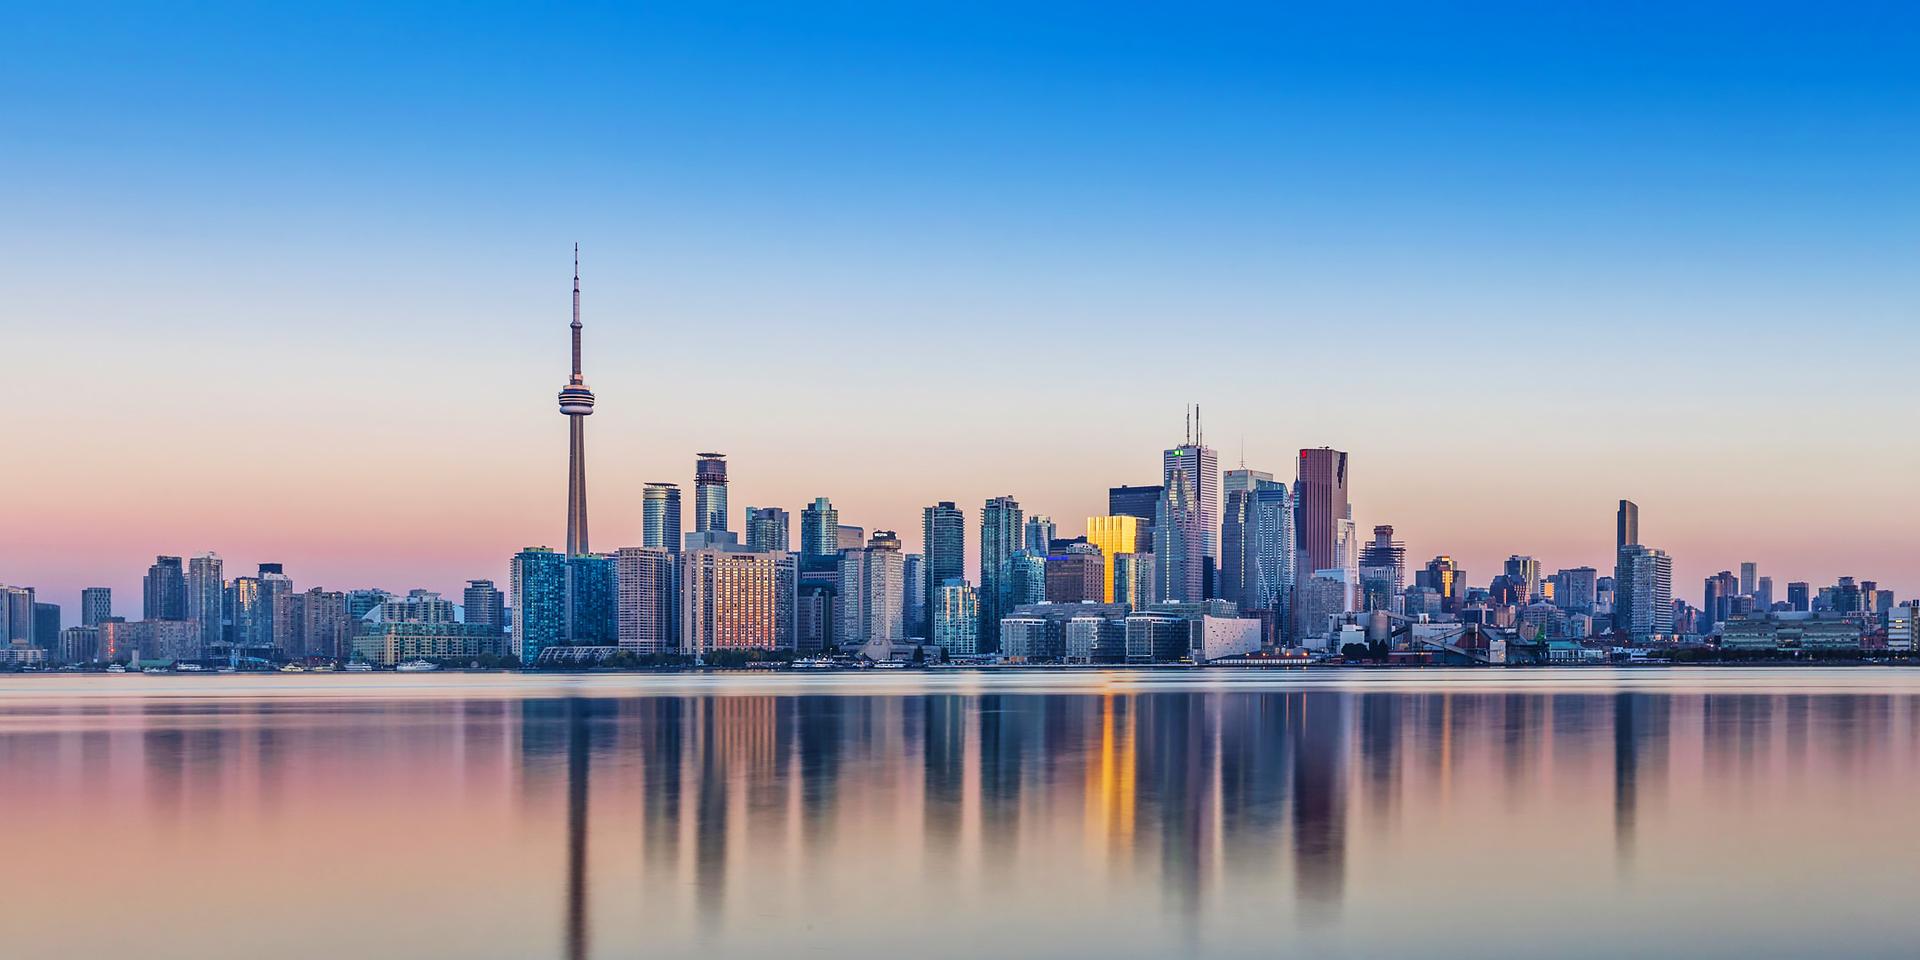 Escuela de inglés en Toronto para mayores de 30 años | EC English Toronto 30+